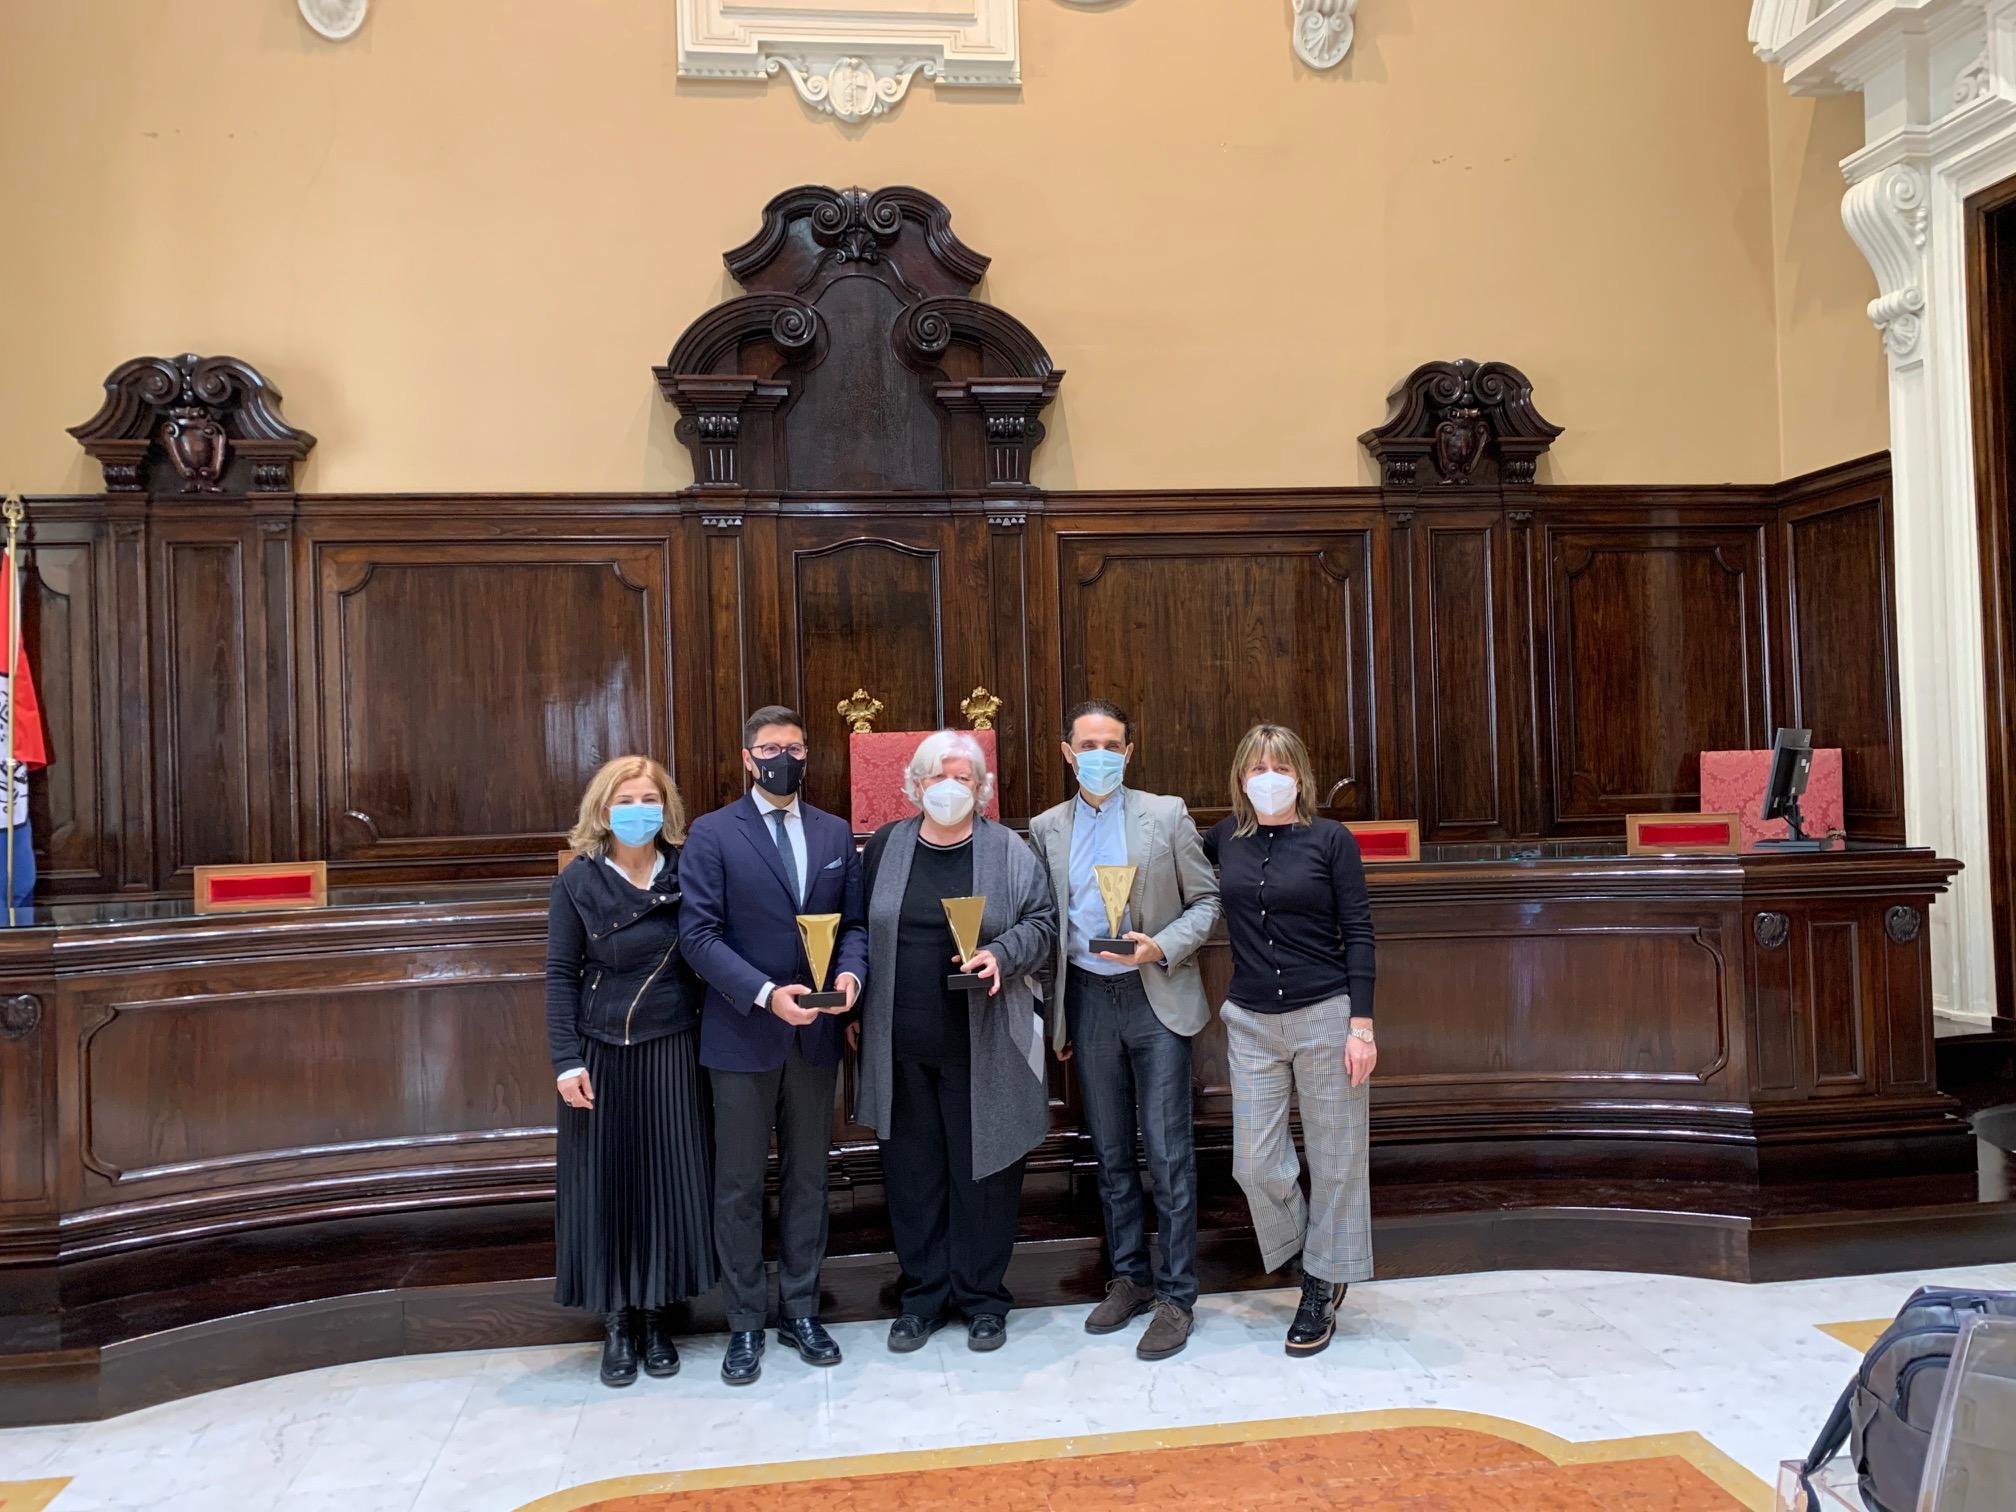 Università di Cagliari vince l'Oscar per una pubblicità